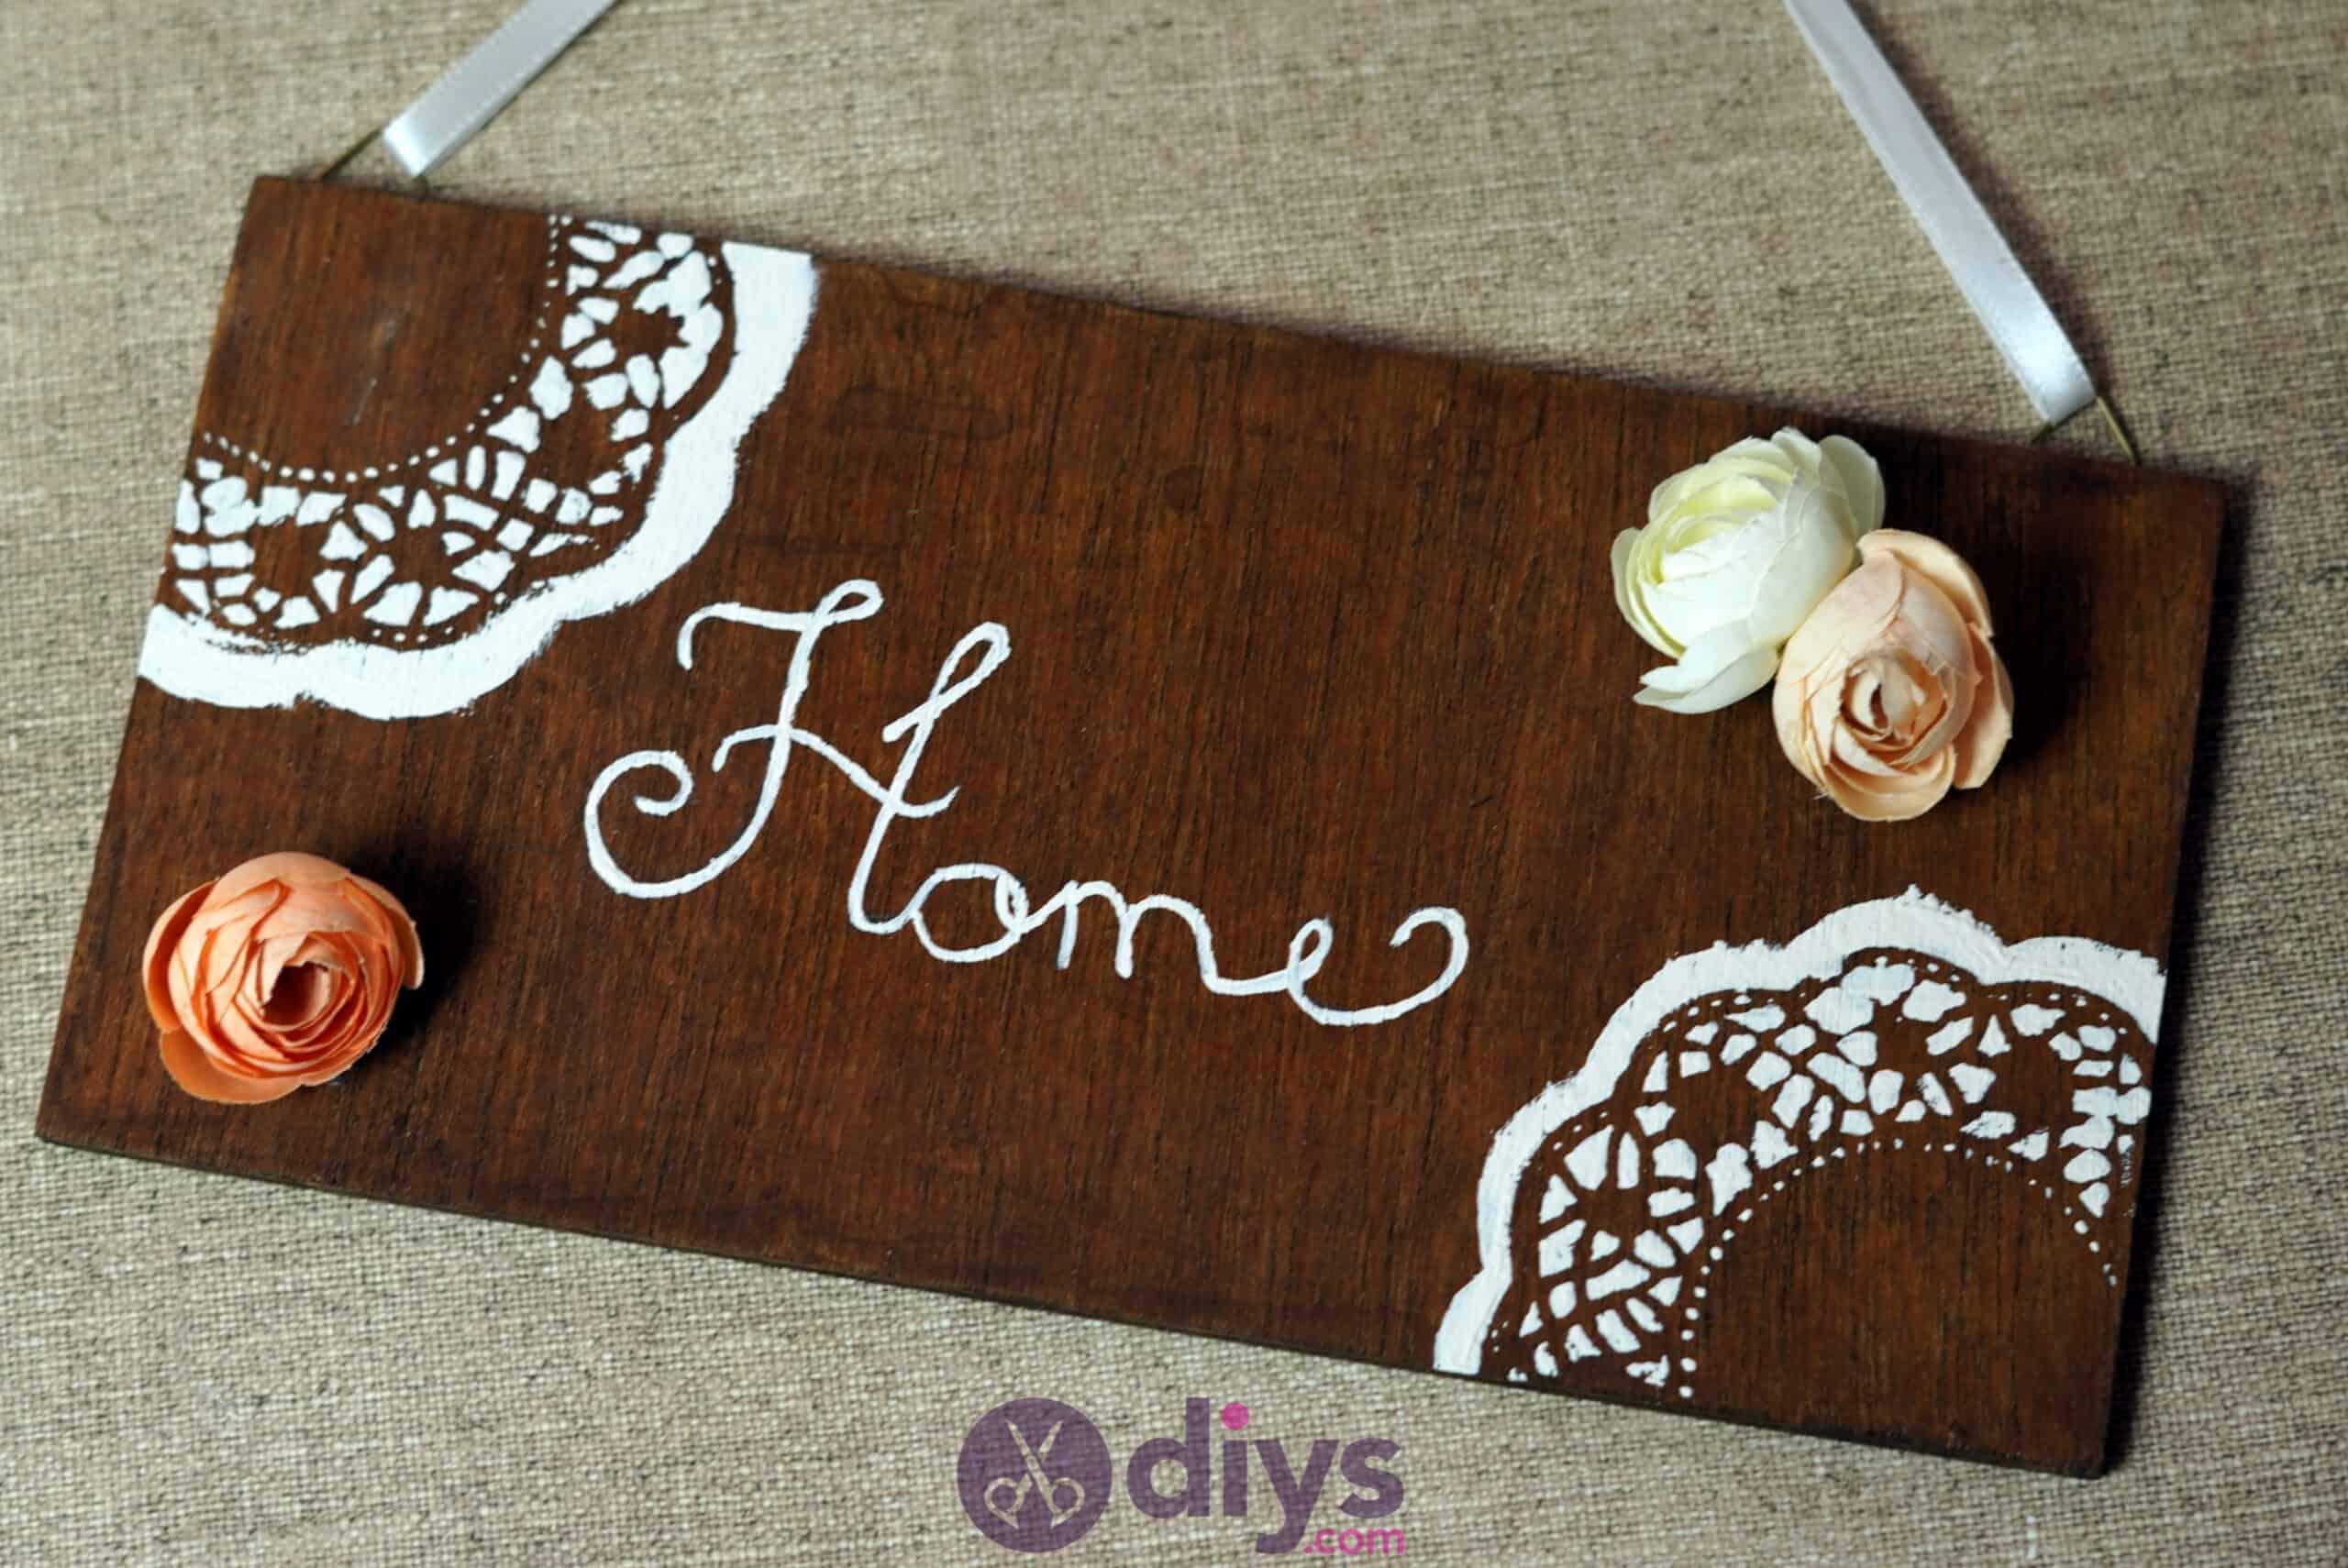 Diy wooden door sign painting